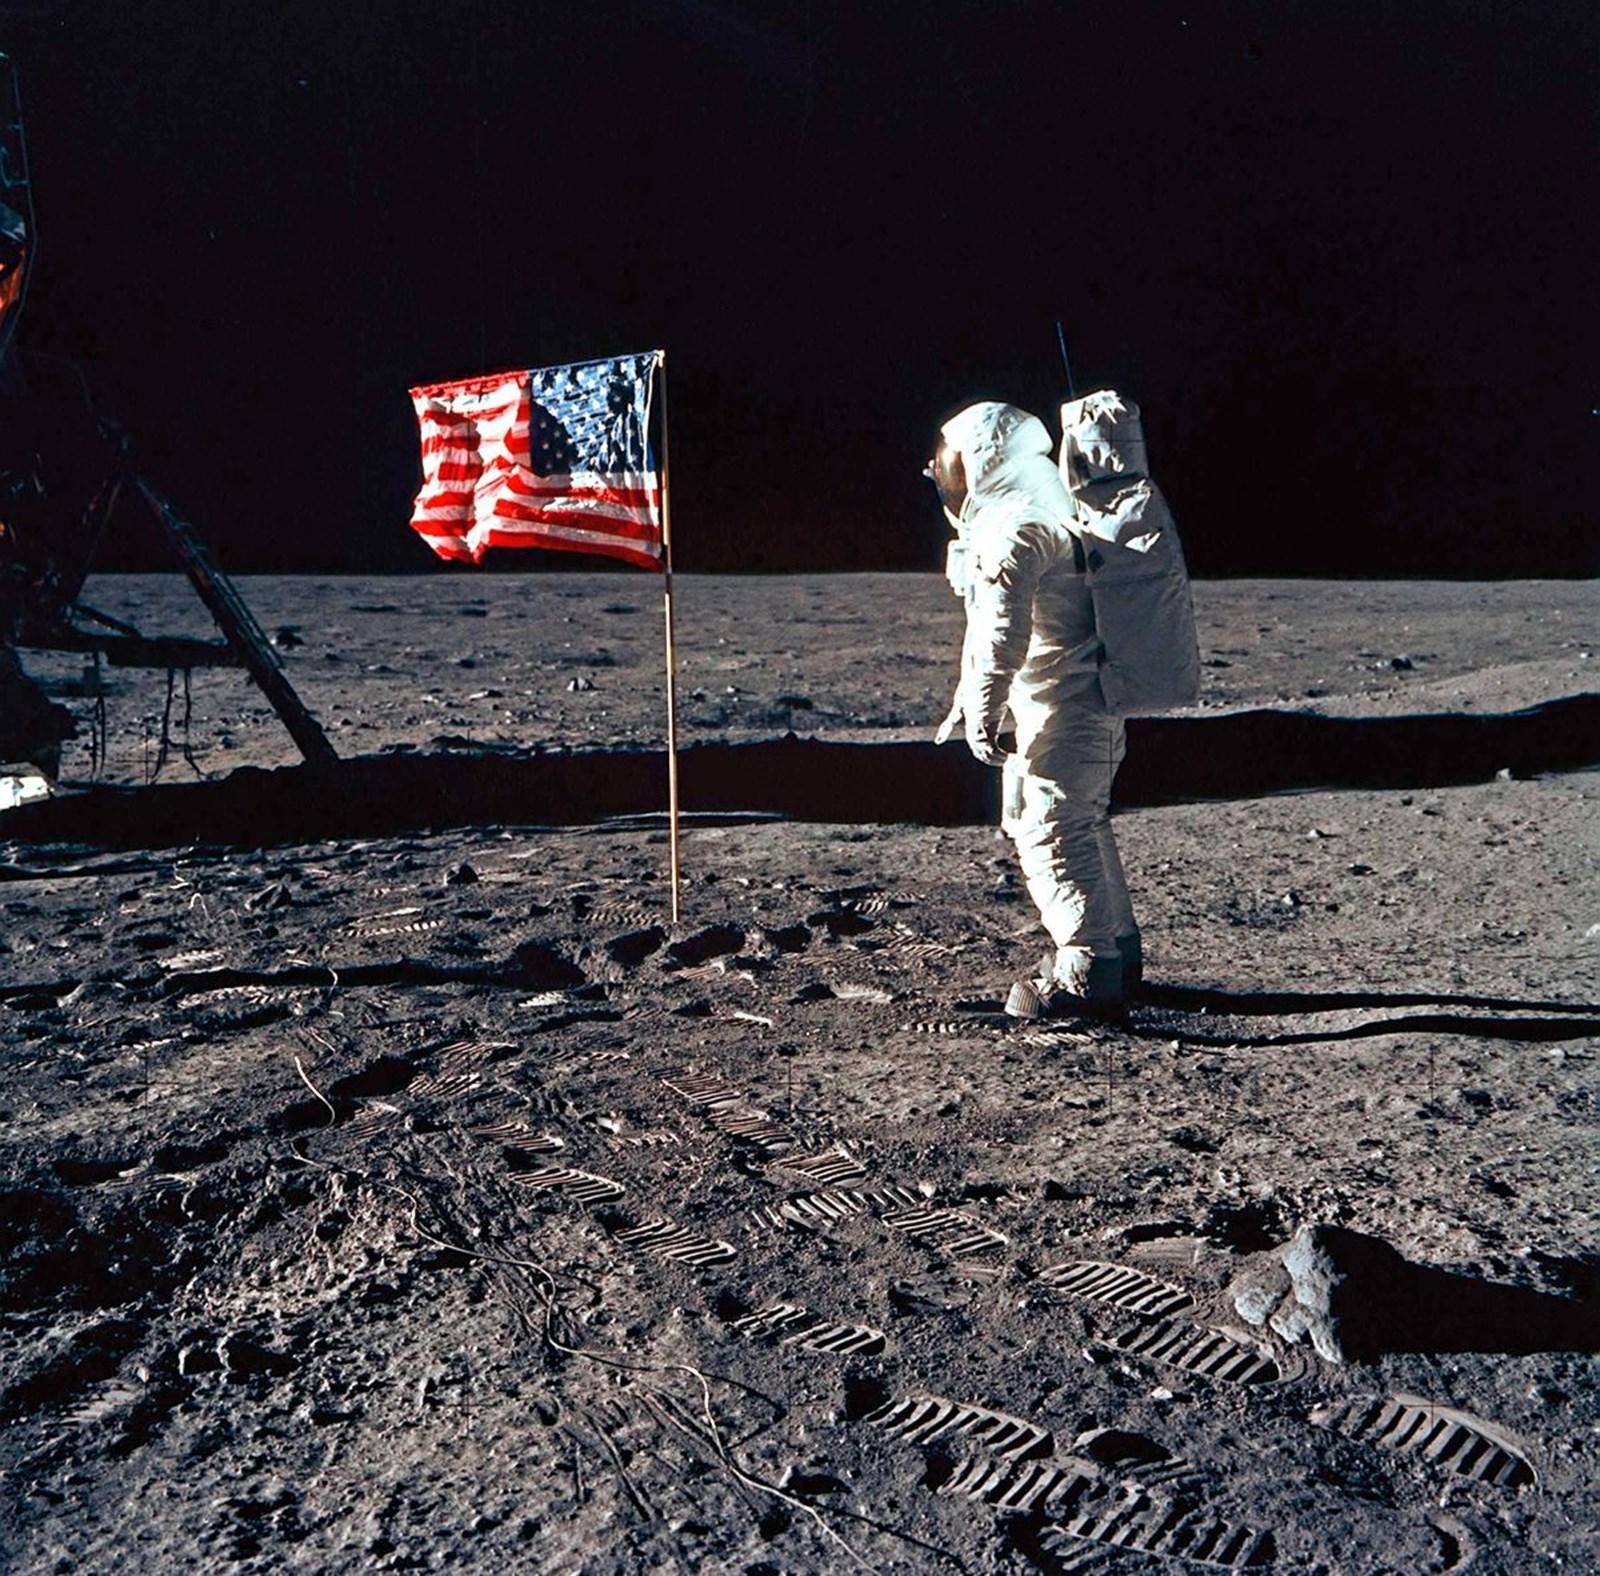 Verschwörungstheorien zur Mondlandung haben Hochkonjunktur